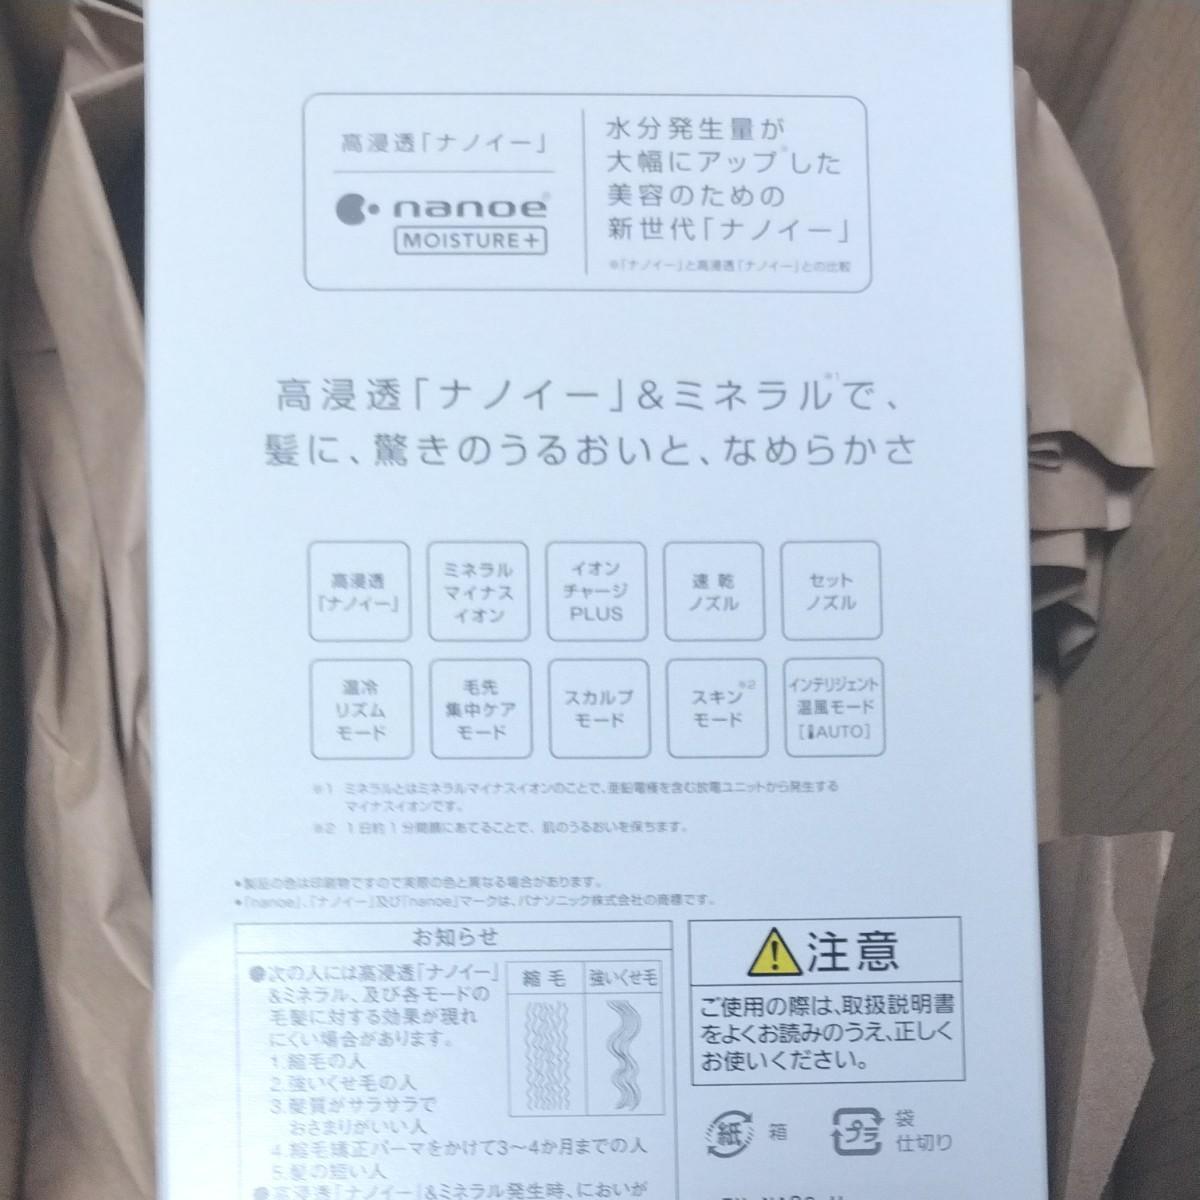 パナソニック ナノケア  ヘアドライヤー EH-NA0G ウォームホワイト 新品未使用品